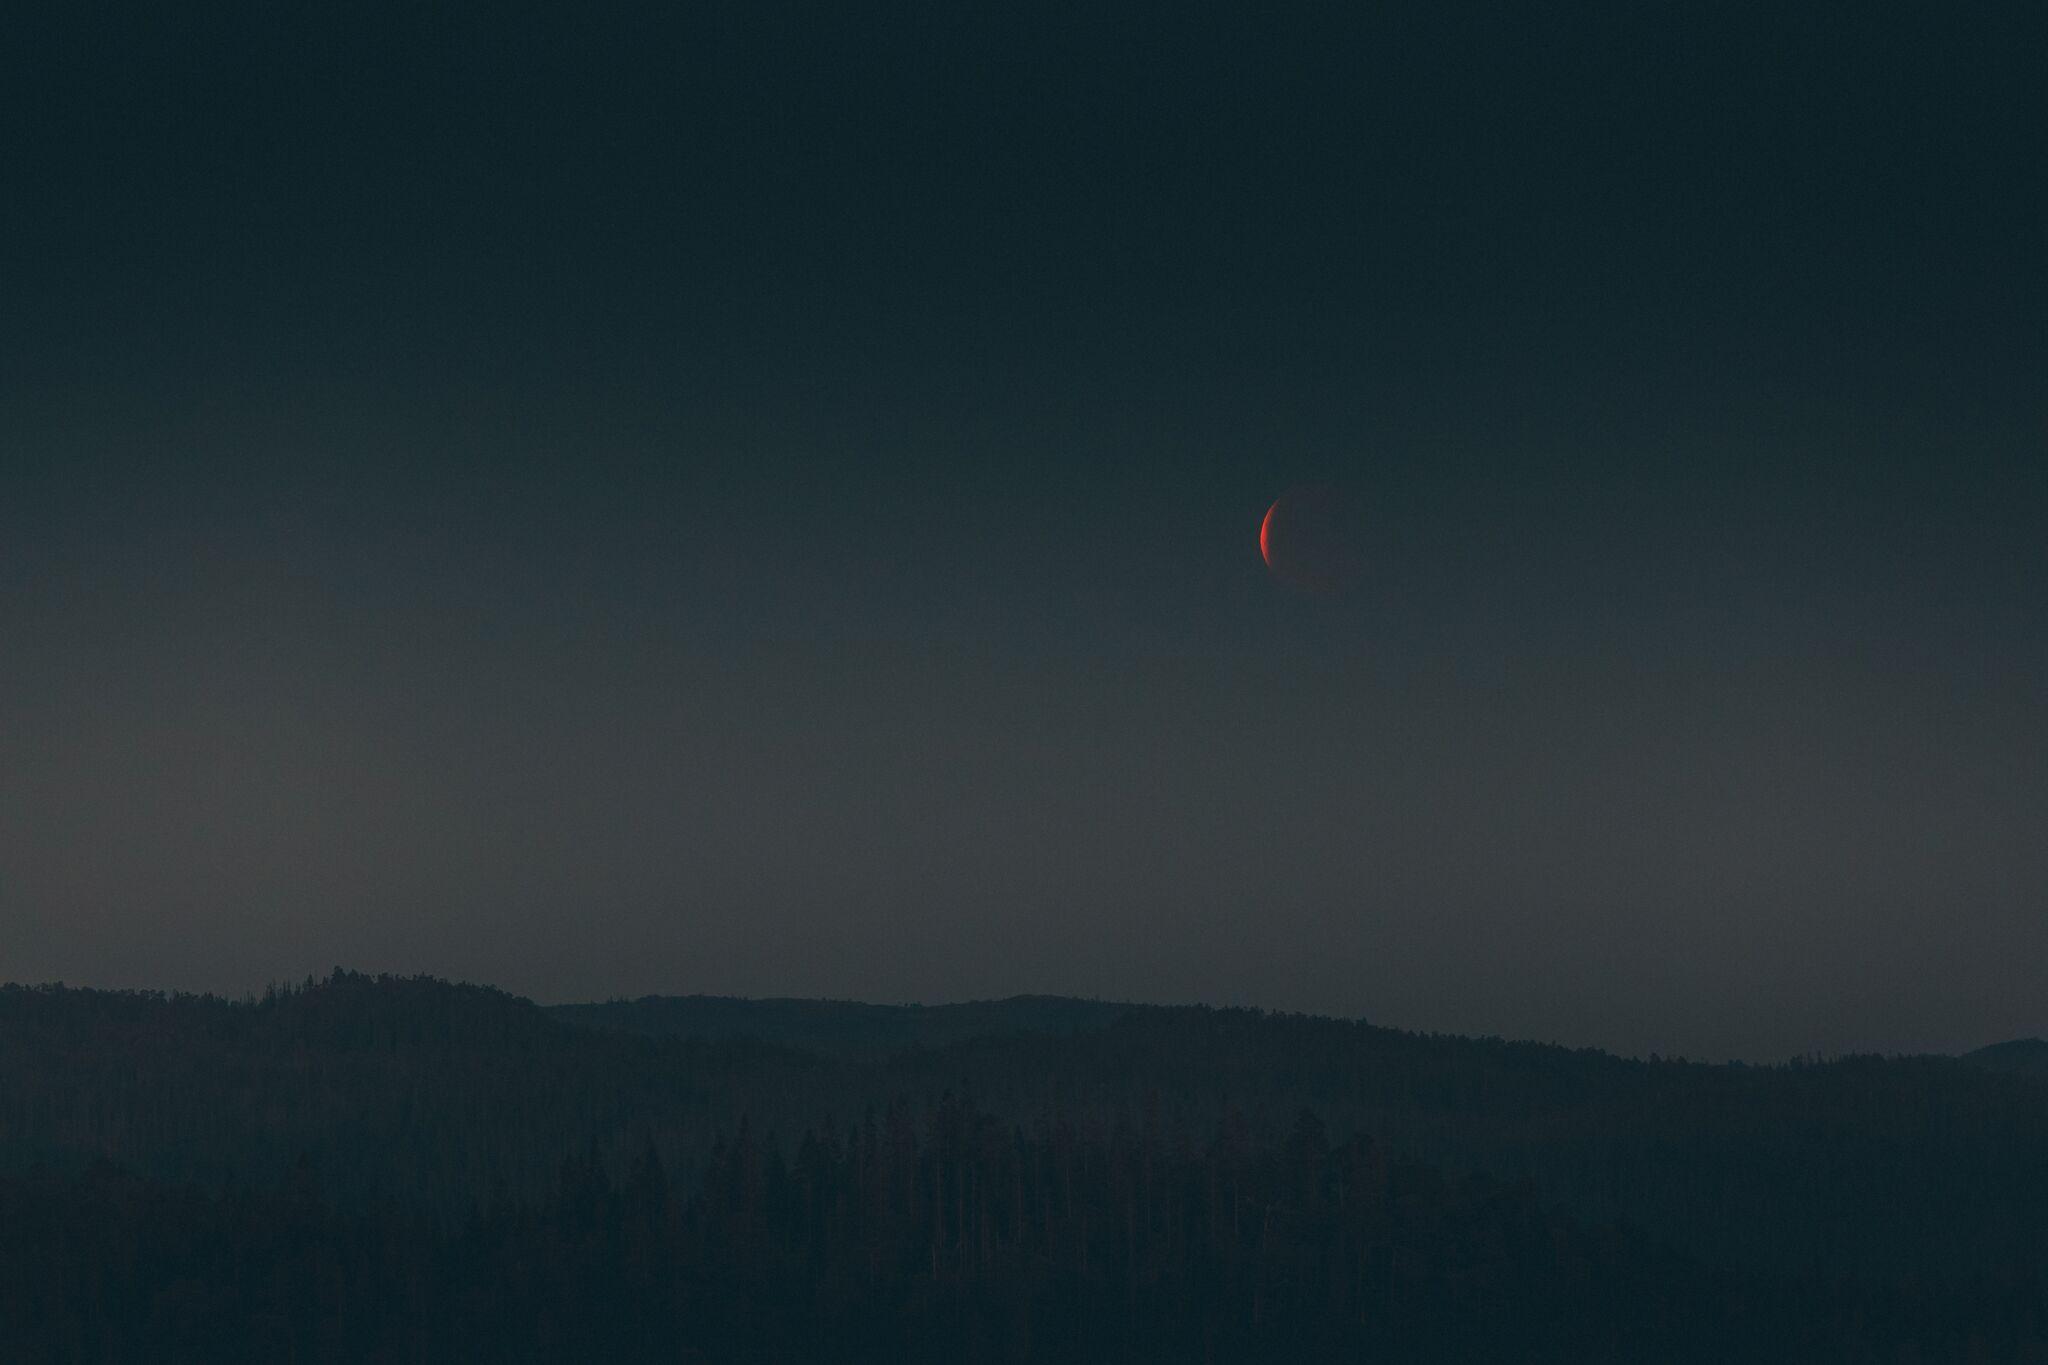 Juli bydde også på en, kanskje noe skuffende, måneformørkelse som vi måtte leke litt med.